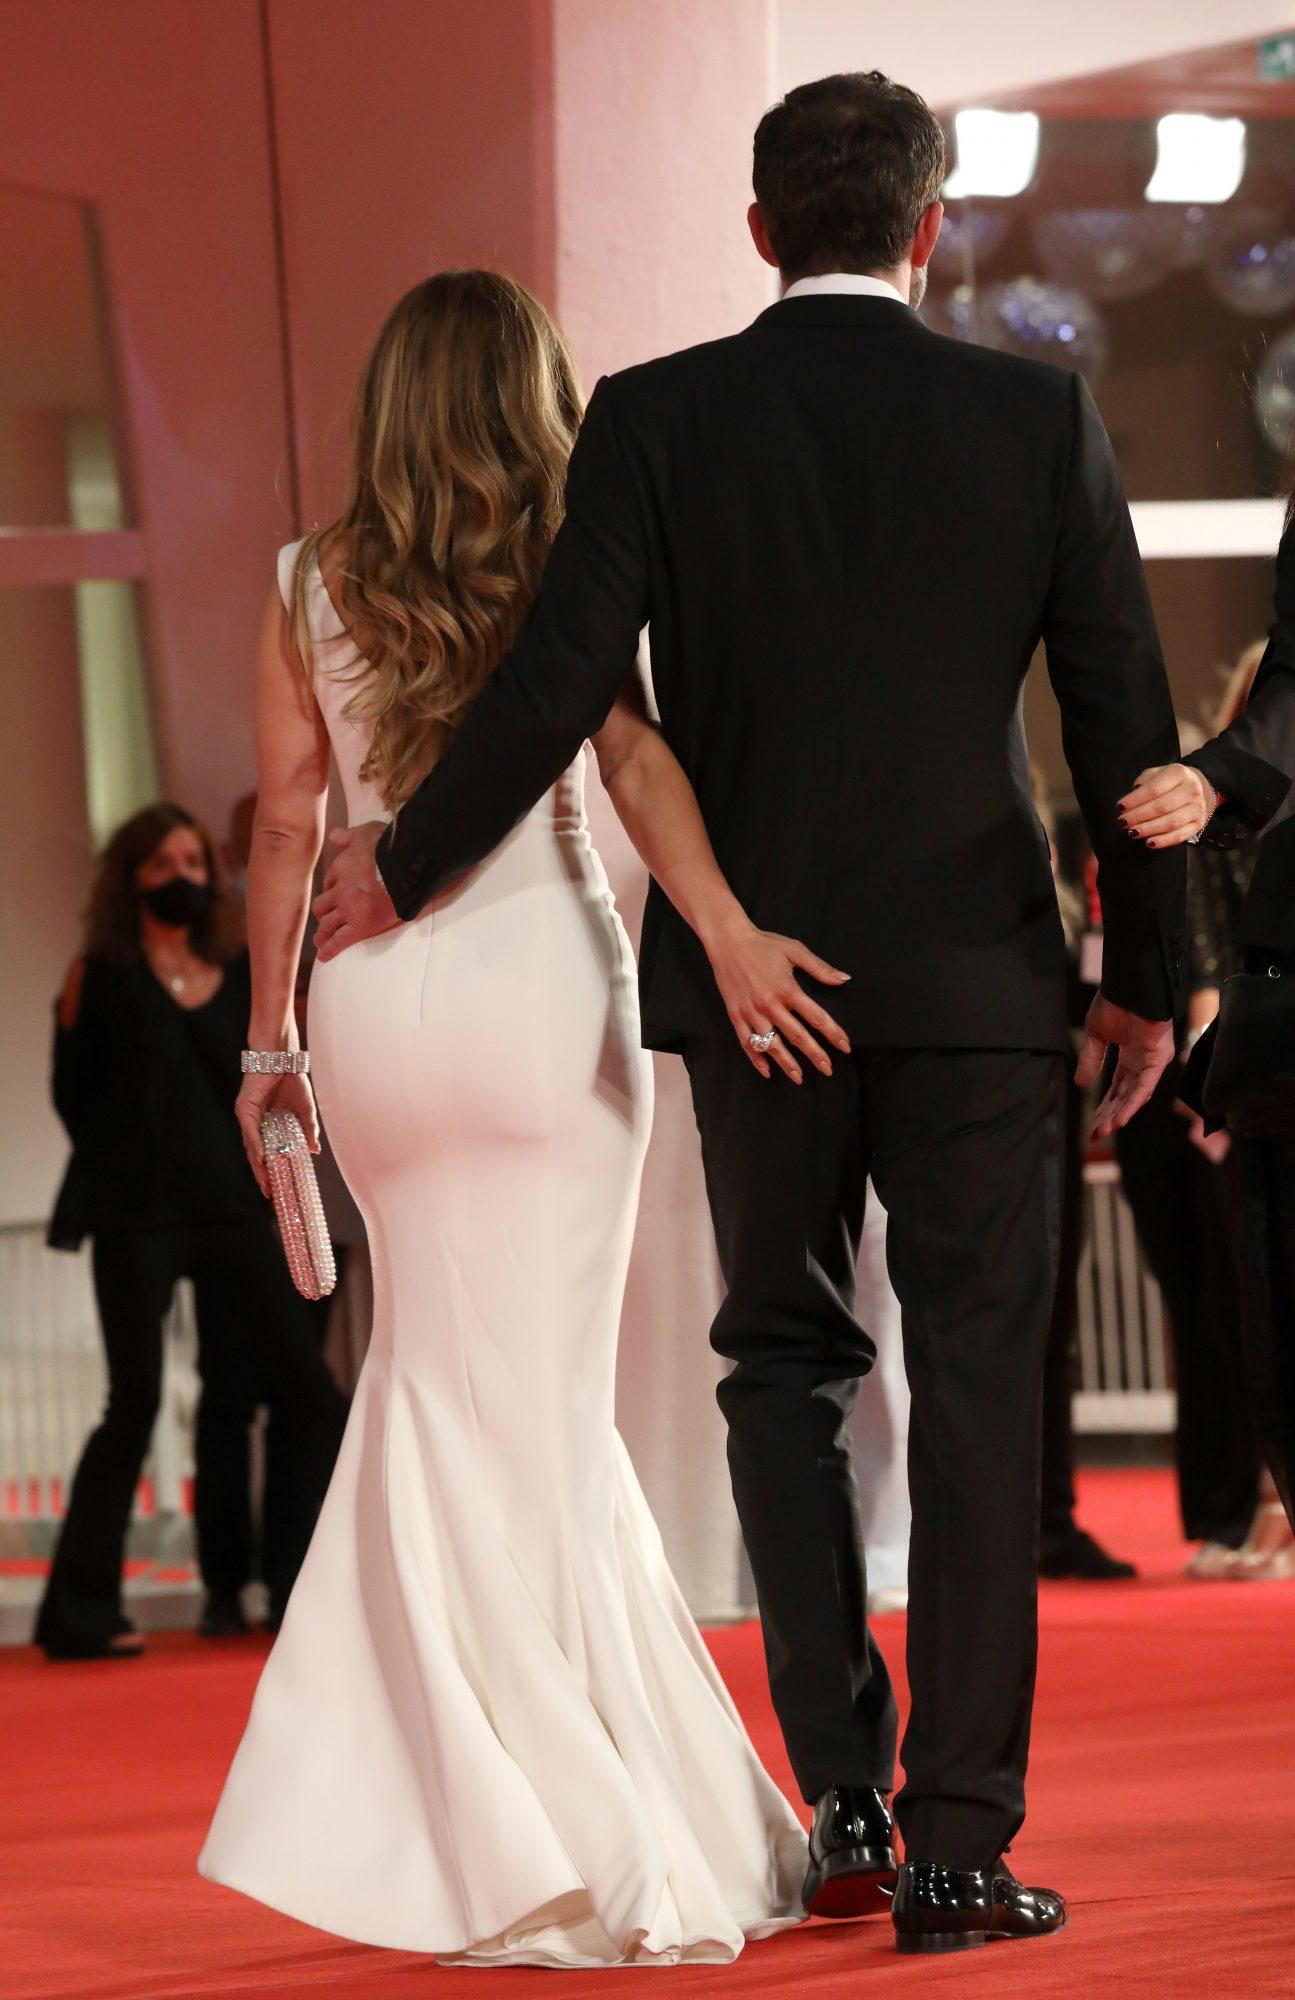 """La mano de JLO parece gritar """"ese hombre es mío"""". Las caricias entre ambos no faltaron en esta alfombra roja."""